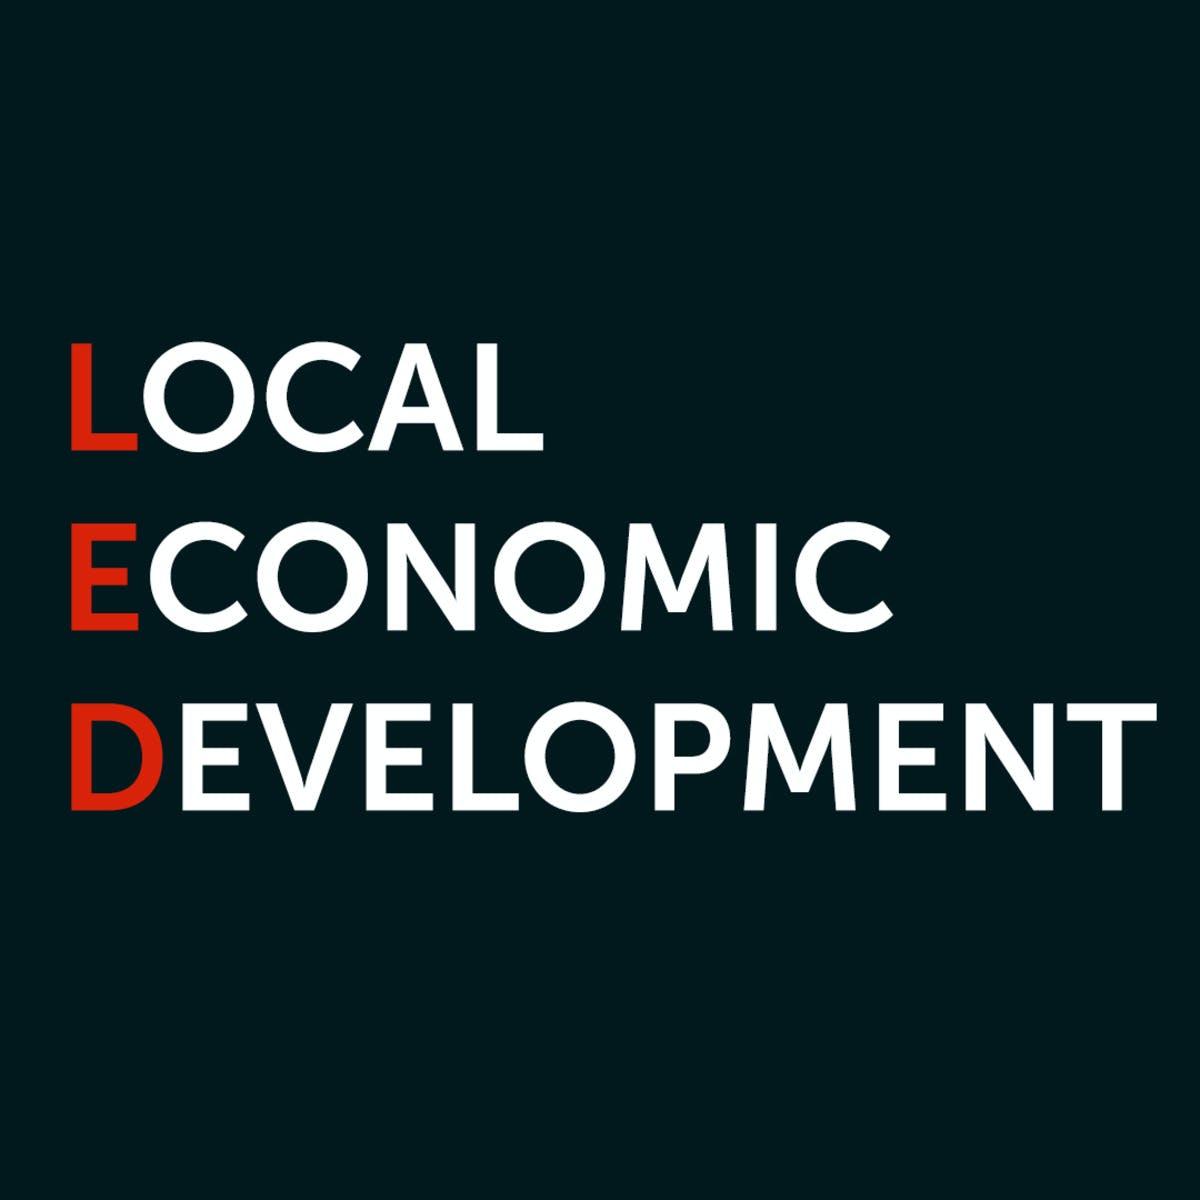 Local Economic Development